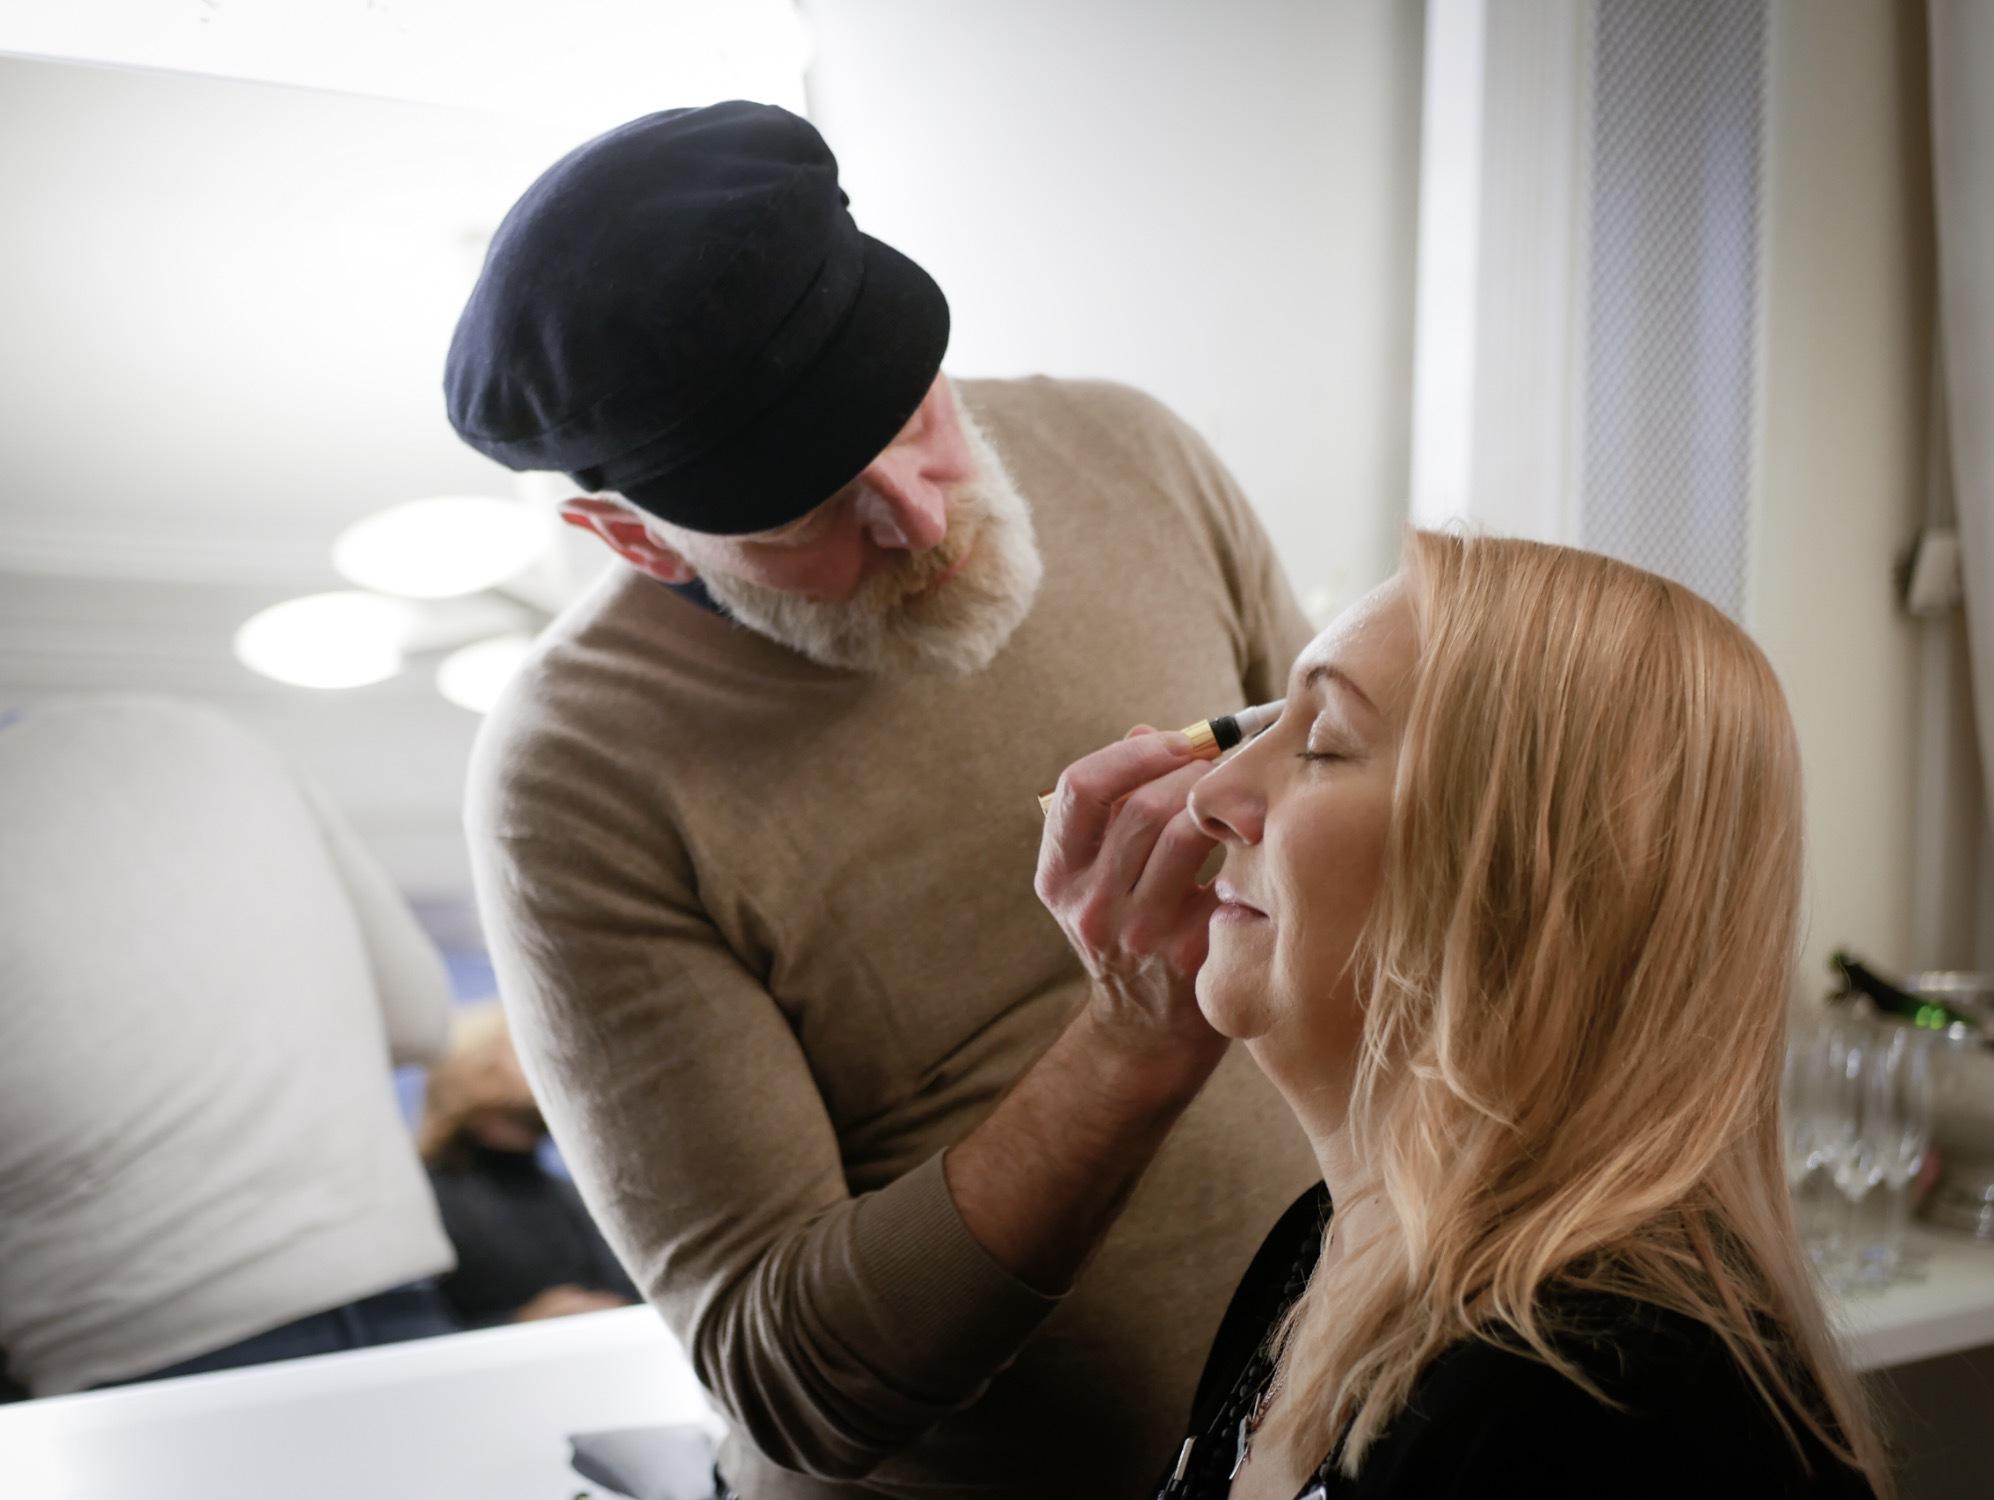 Helene Arkhem från Topp älsa får mörkare ögonbryn applicerade av Jeremy Scott som företräder märket IQ -Brow